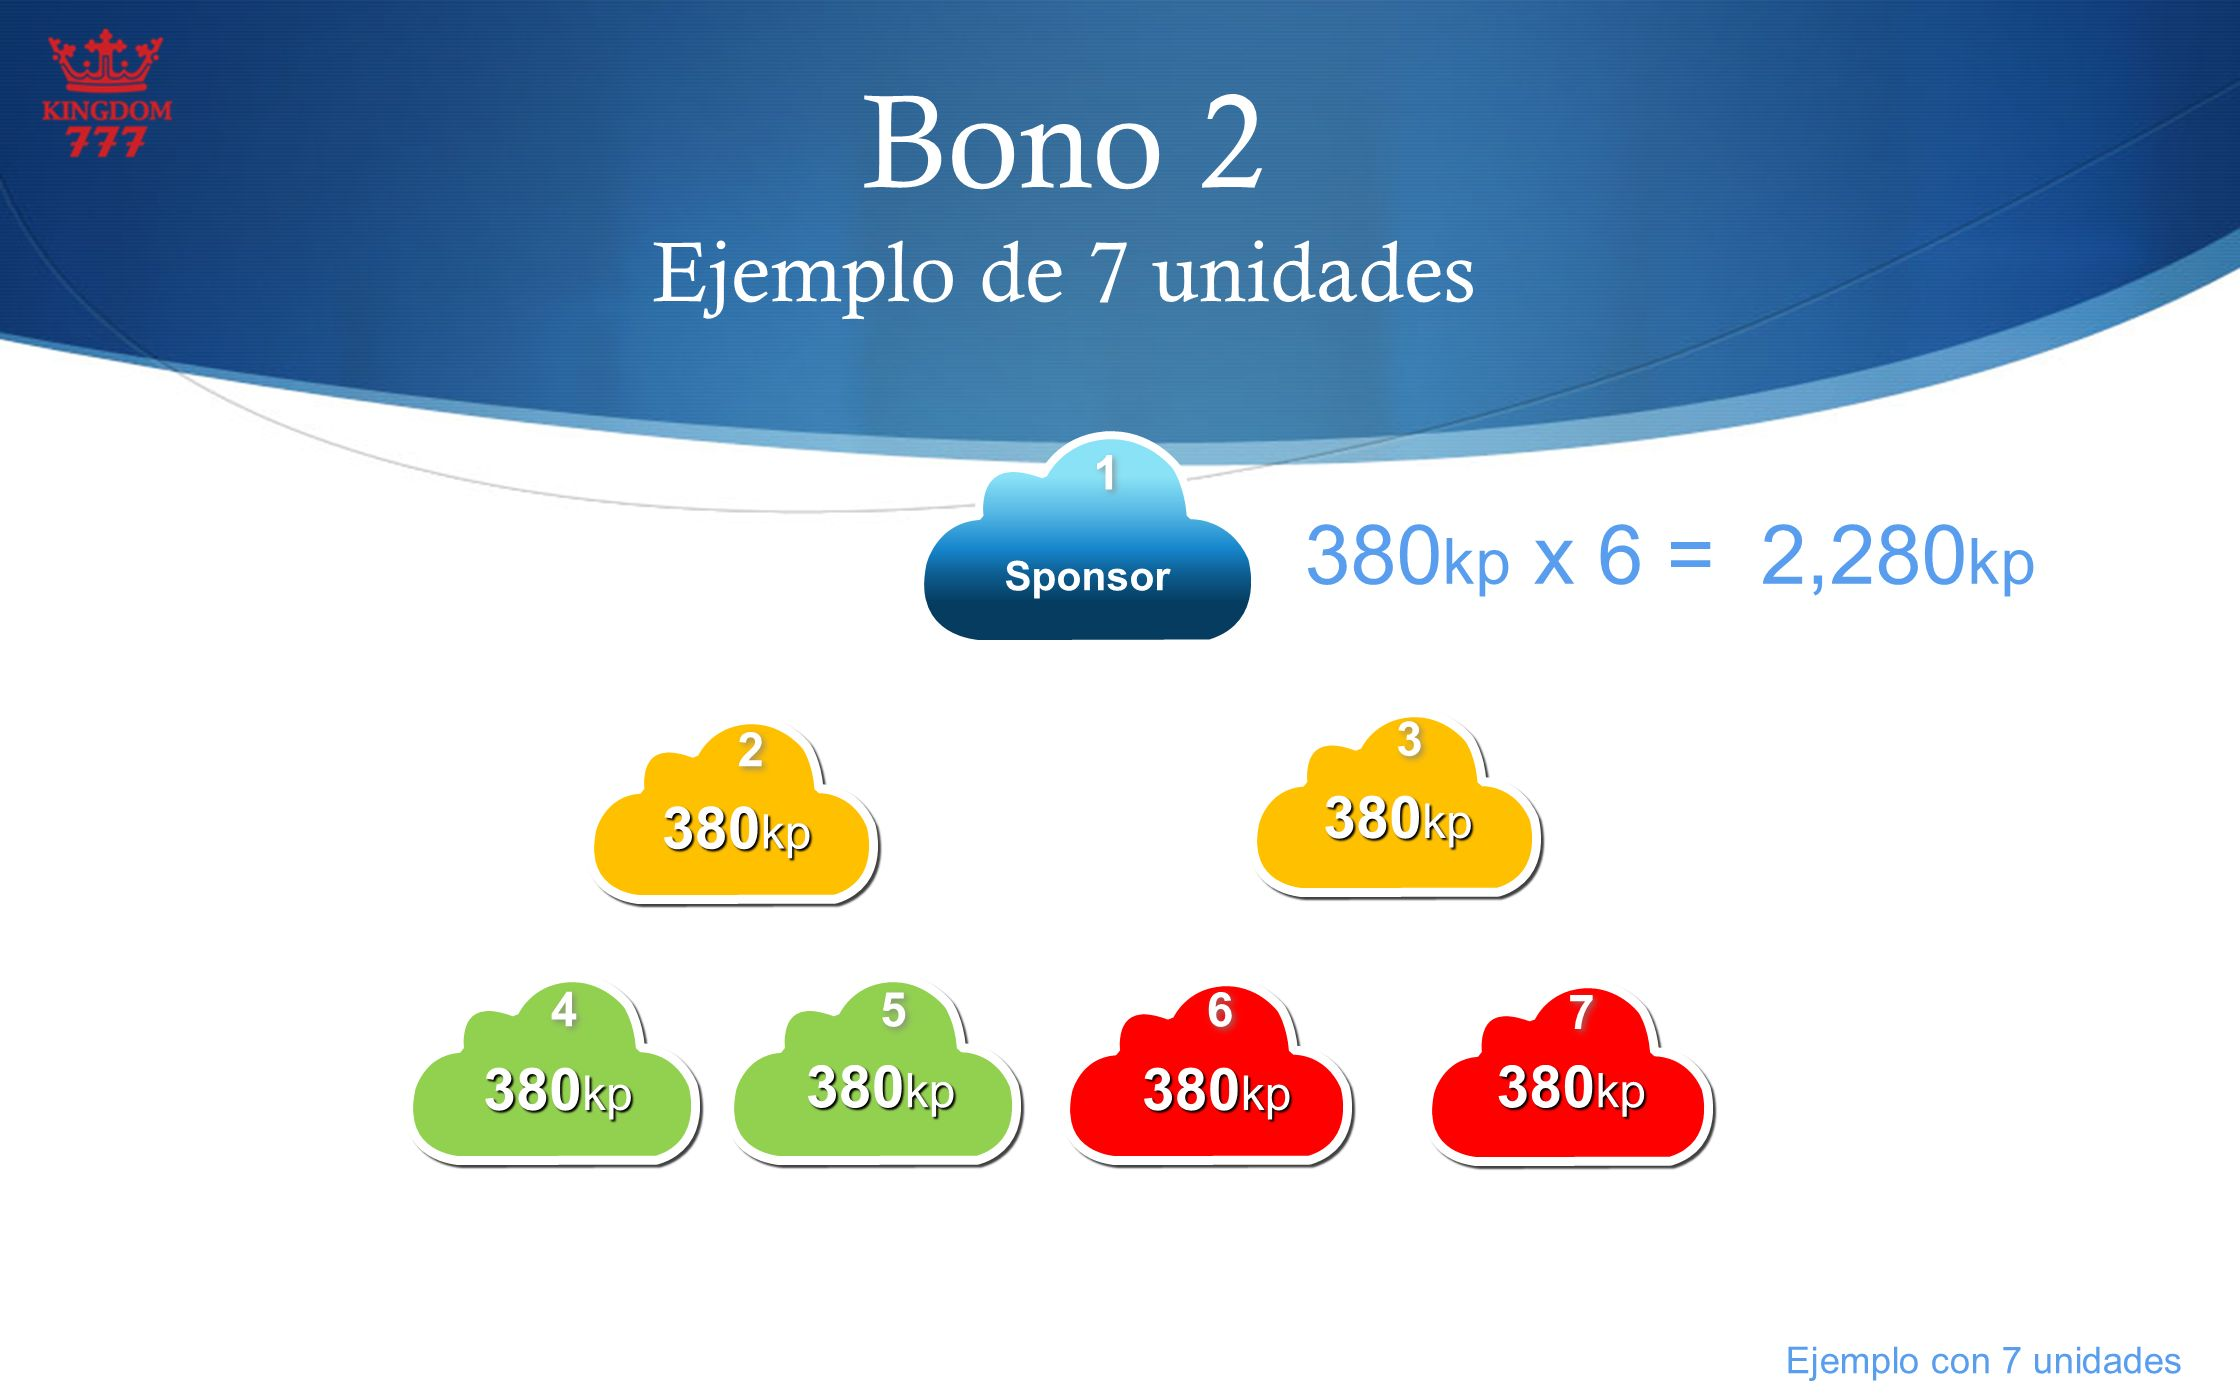 Bono 2 Ejemplo de 7 unidades